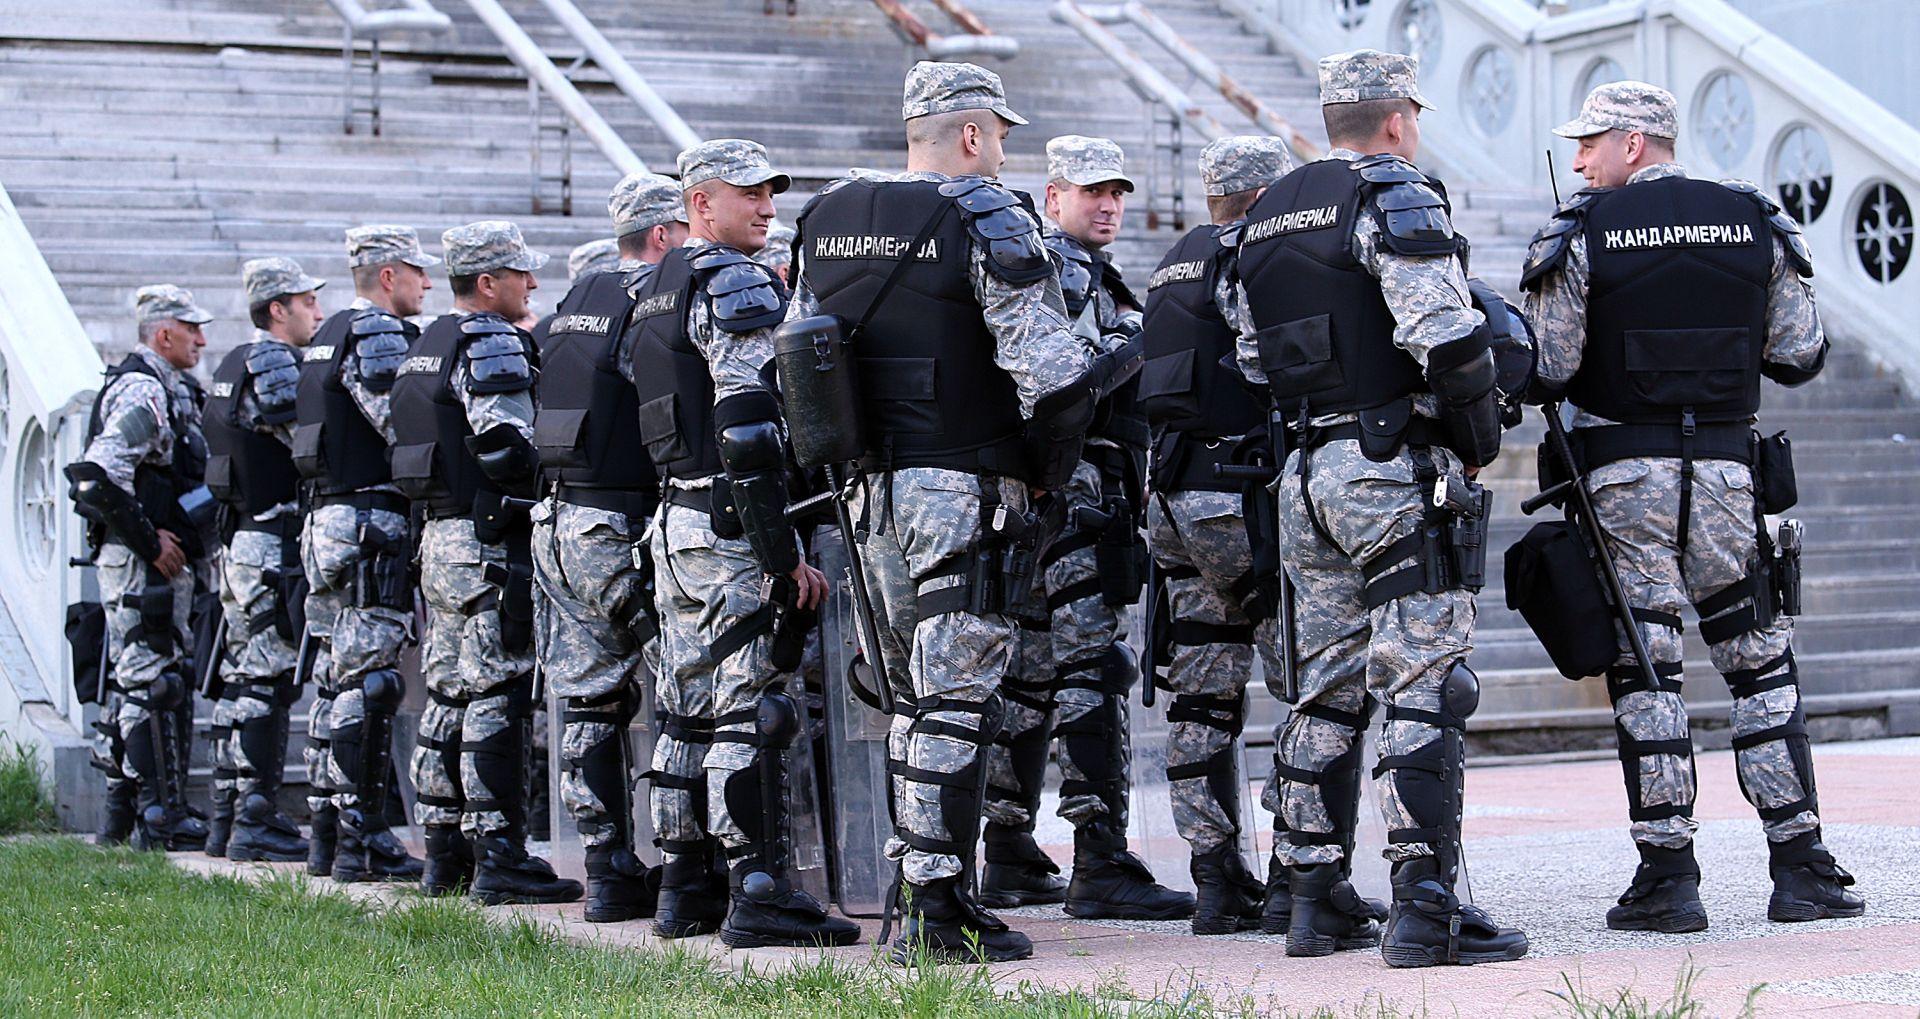 SRBIJANSKI MEDIJI U Beogradu uhićen 'hrvatski špijun'